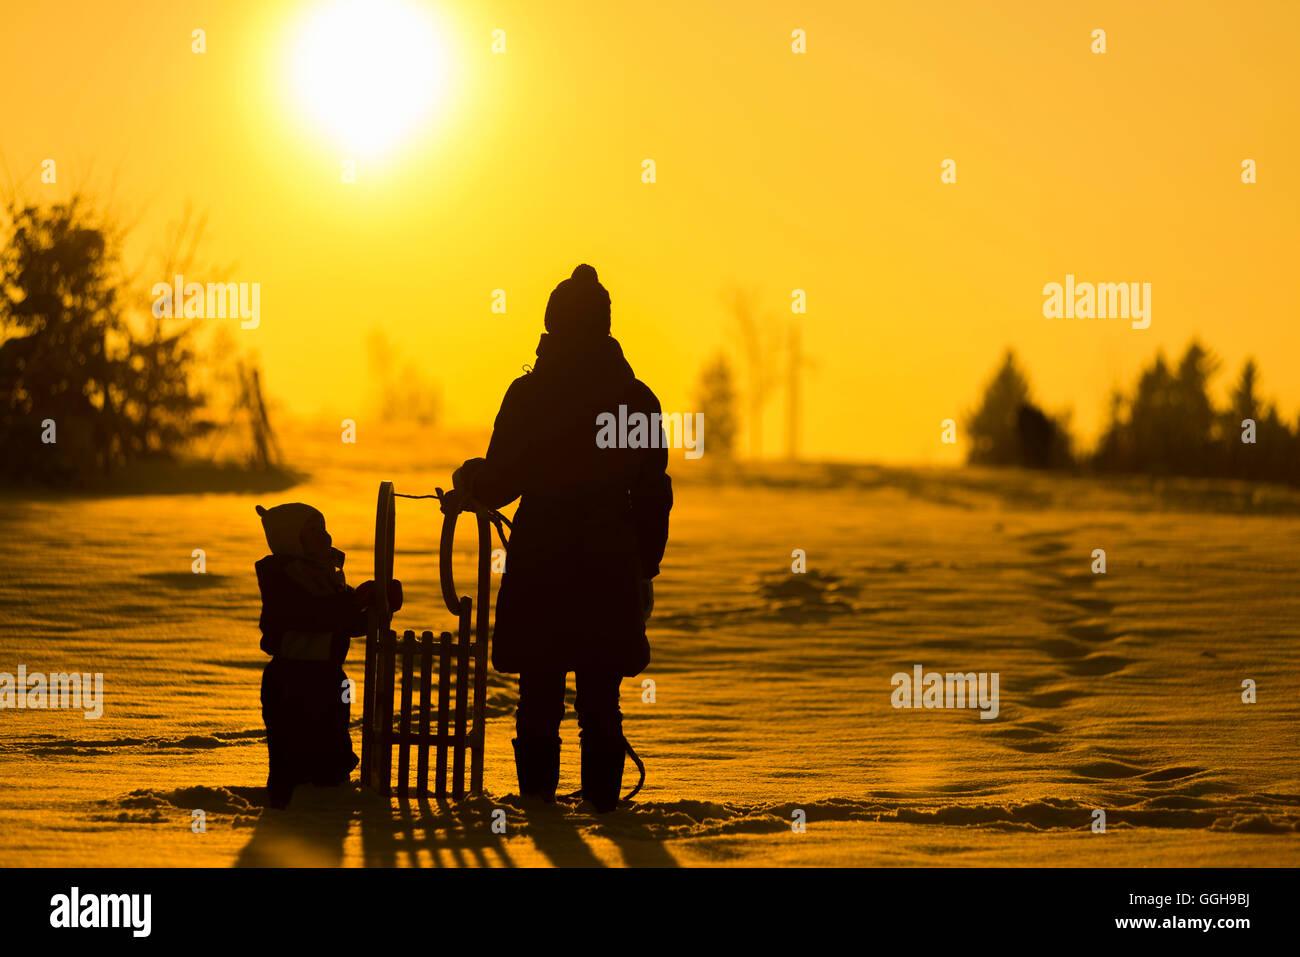 Mère debout avec un petit enfant et en traîneau dans la neige et regarder le soleil d'hiver, rétroéclairé, Photo Stock